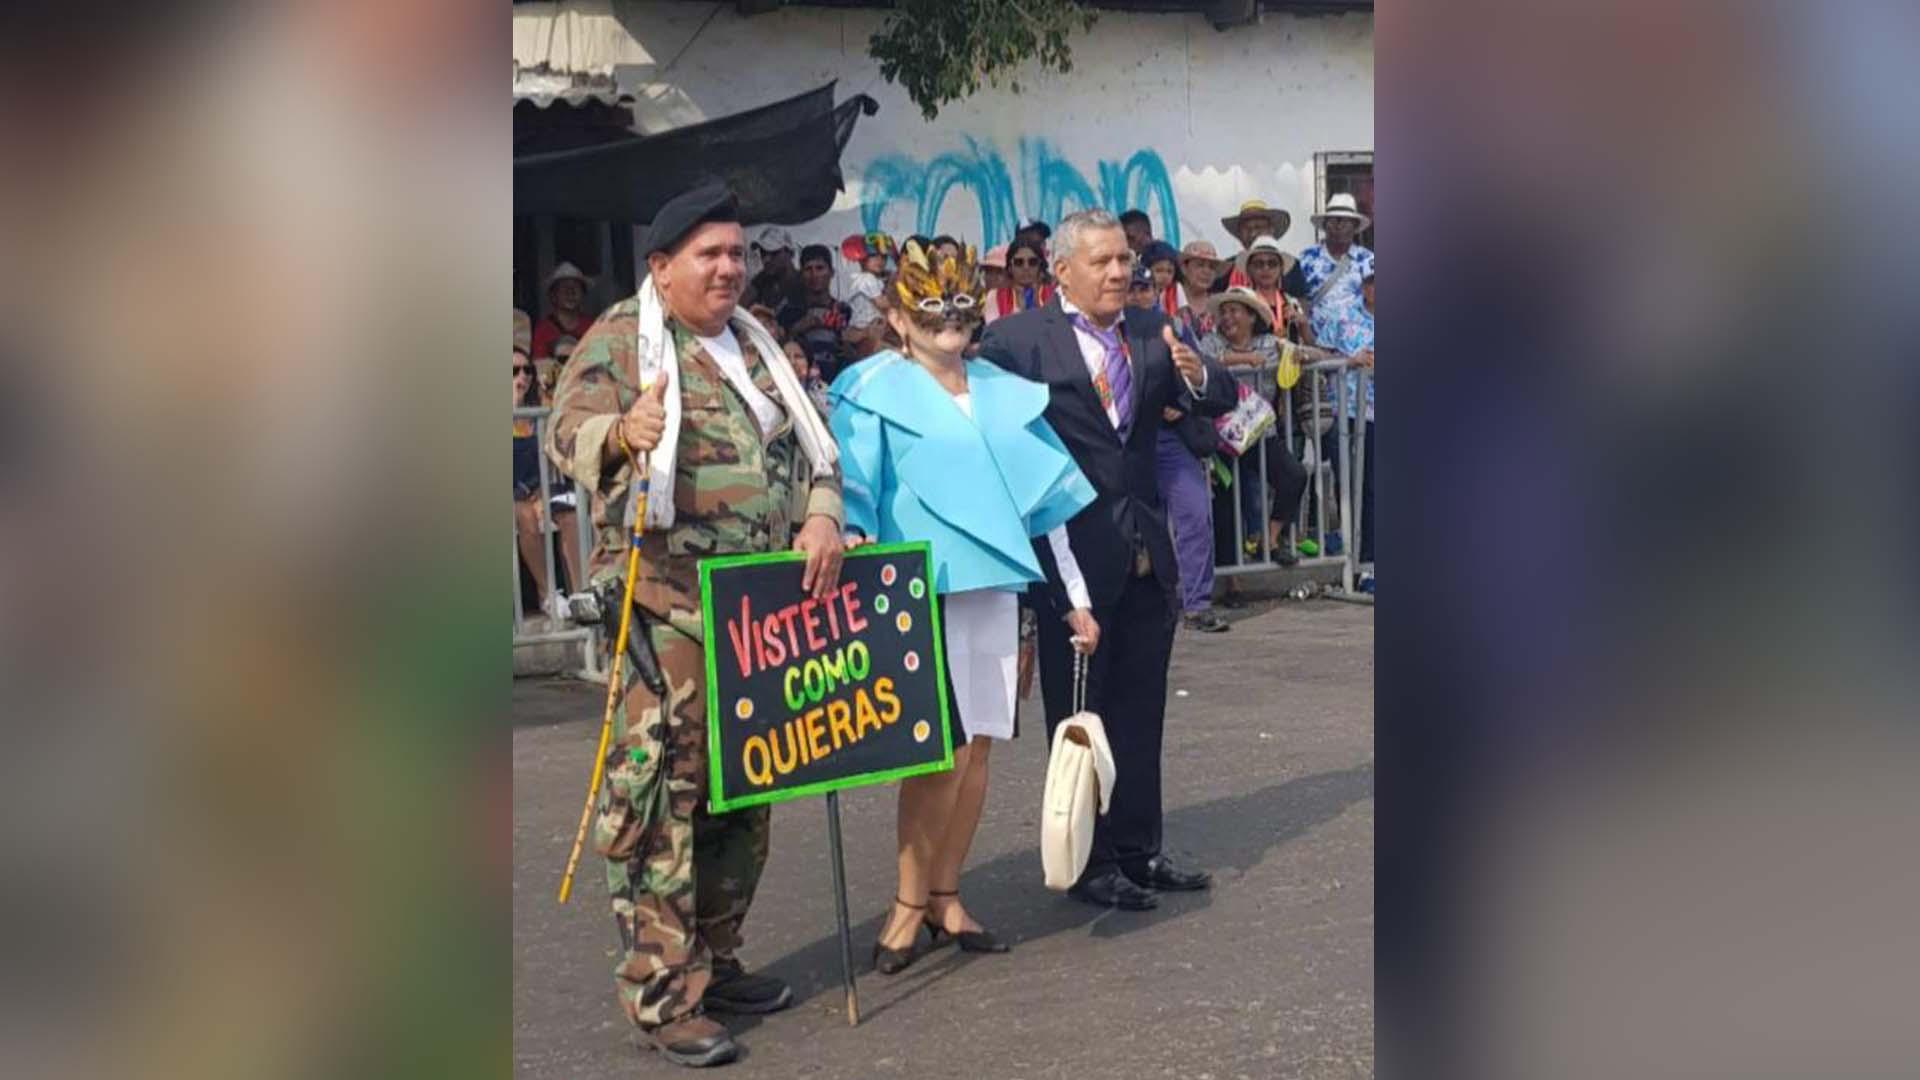 d0e08d0287 Mujer que se disfrazó como Primera Dama en el Carnaval de la 44 recibe  amenazas por las redes